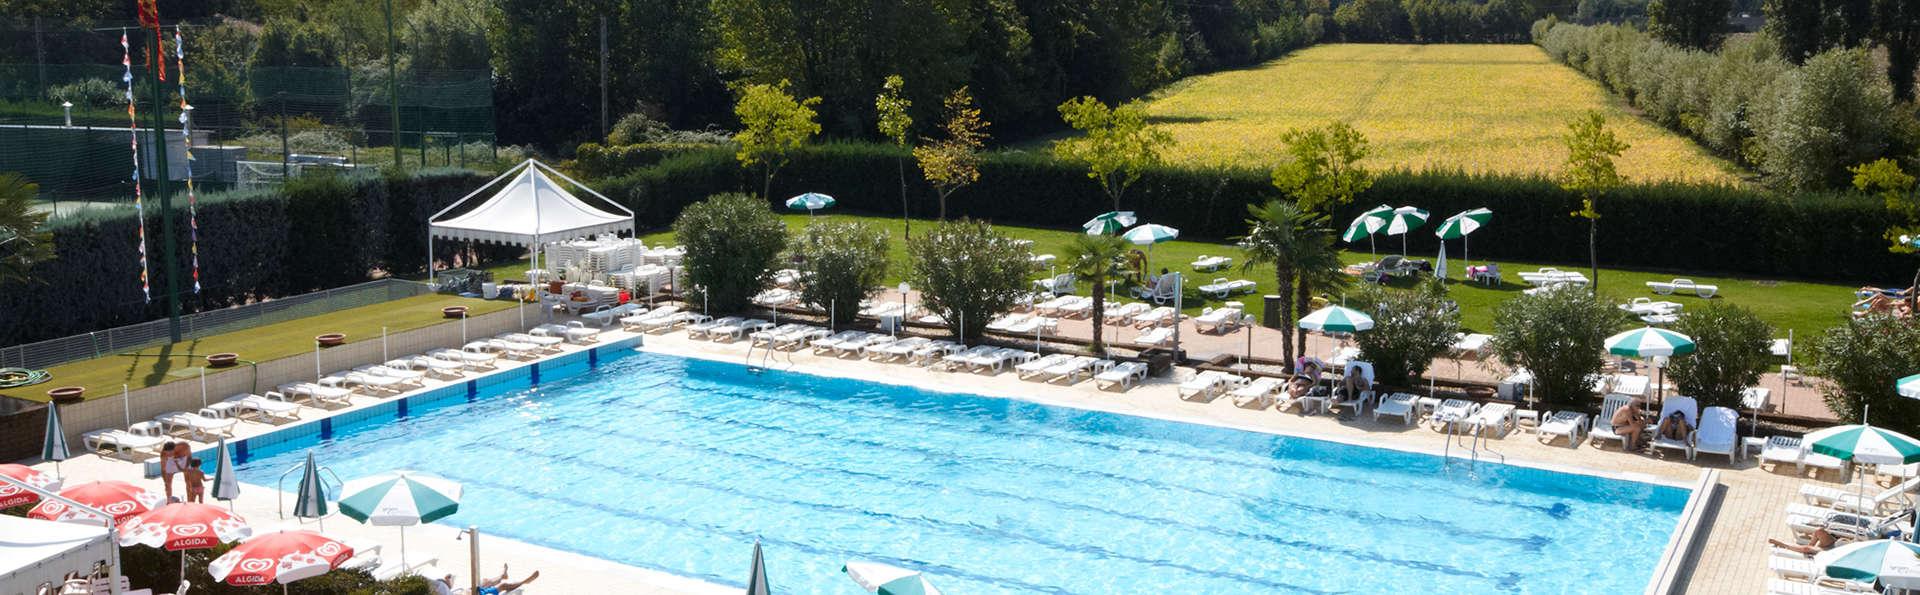 Week-end avec accès piscine et court de tennis à Venise (à partir de 2 nuits)